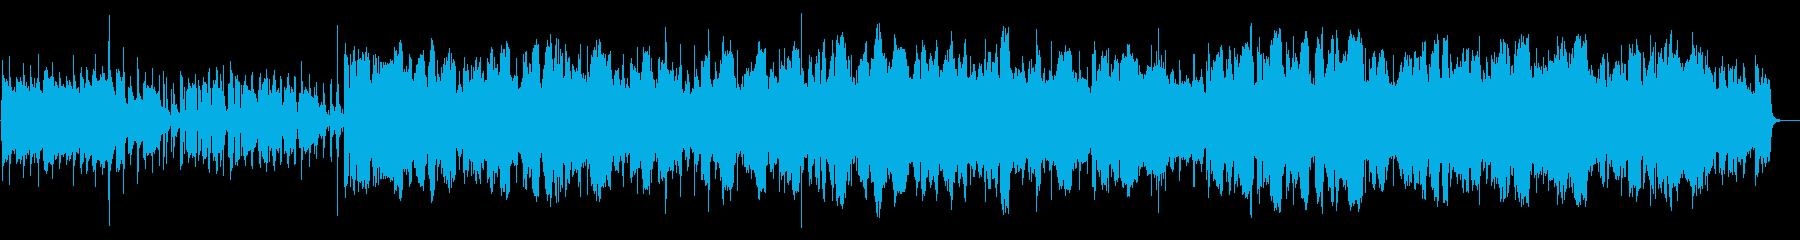 トランペットがメインのオールドジャズの再生済みの波形